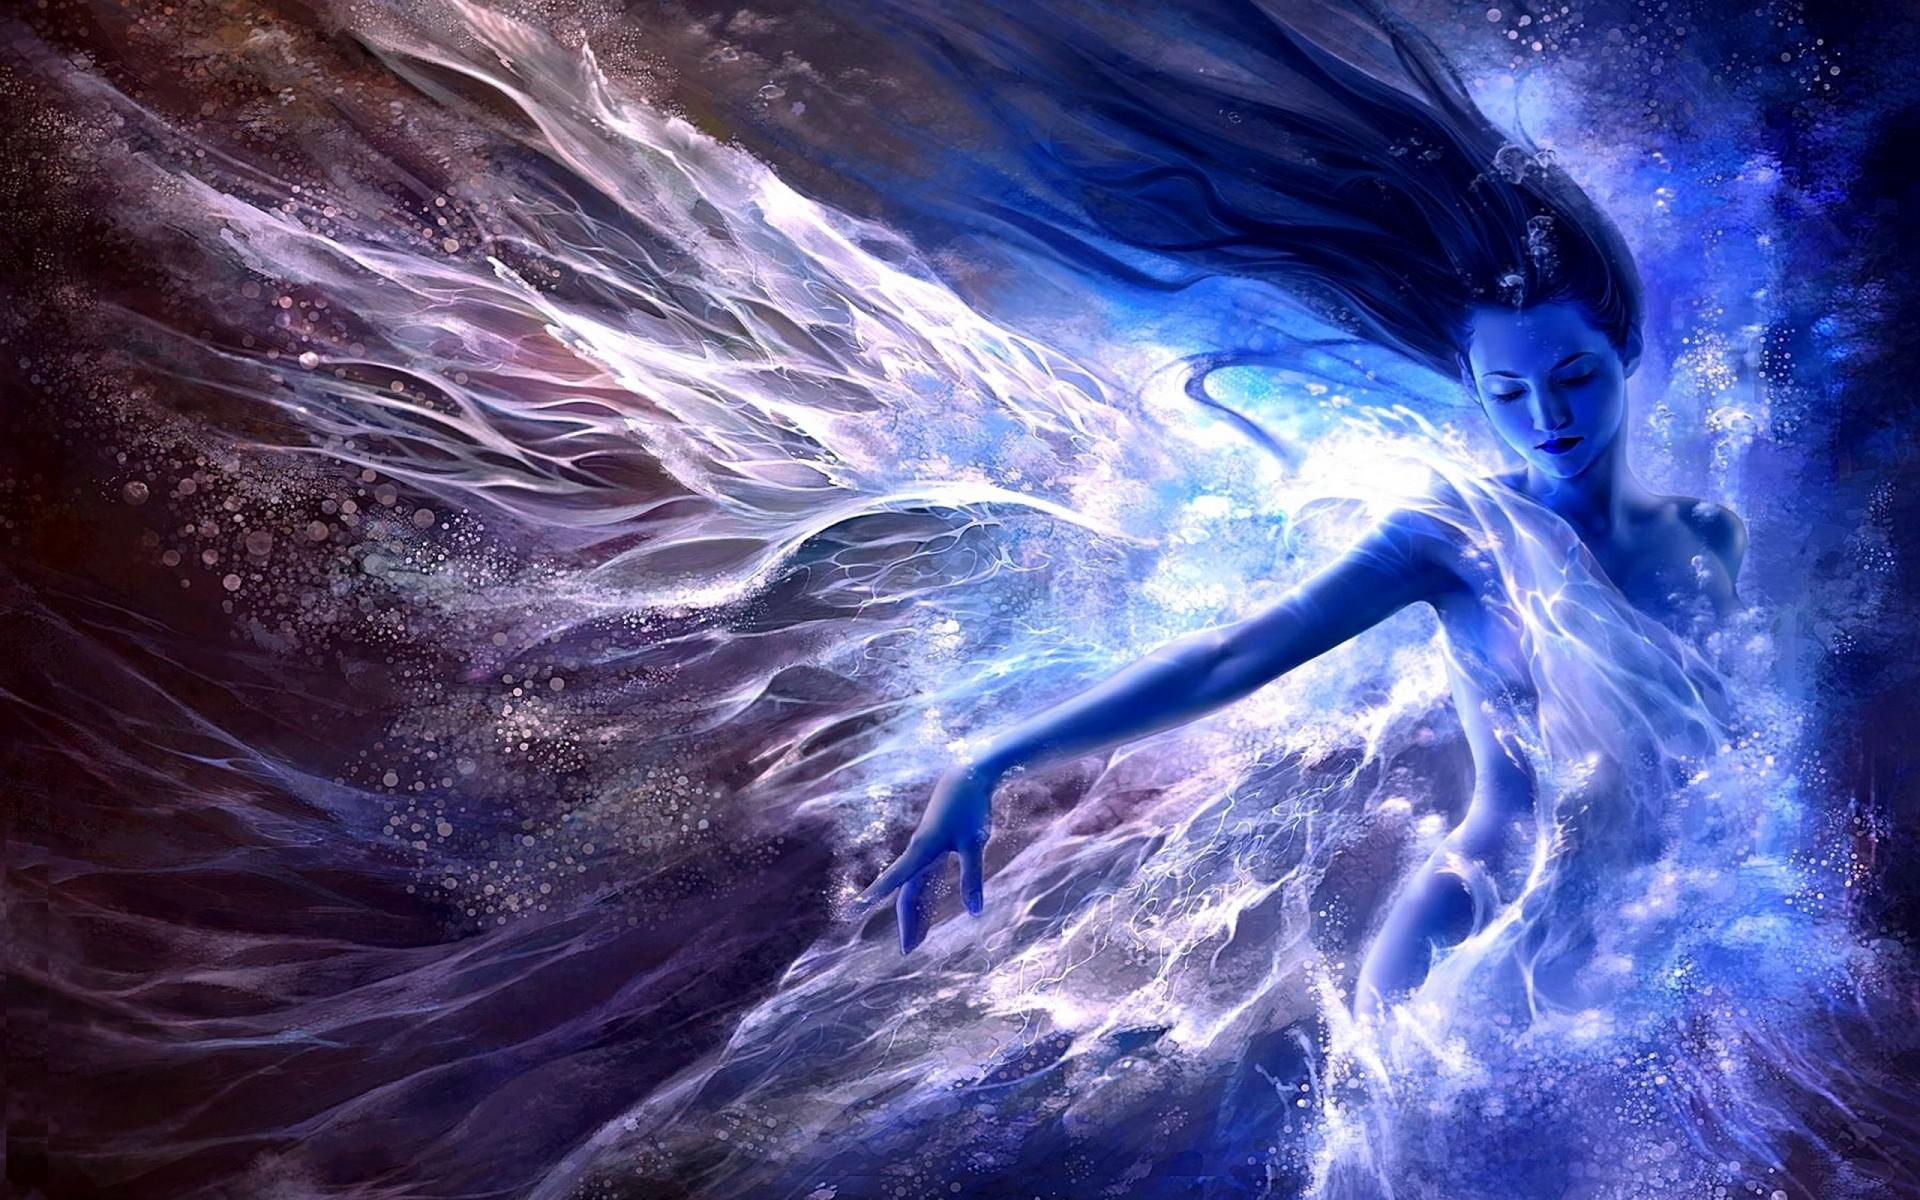 Image – Girl-Water-Blue-Fantasy-Art-Wallpaper.jpg | Elementalist' Prophecy  Wiki | FANDOM powered by Wikia